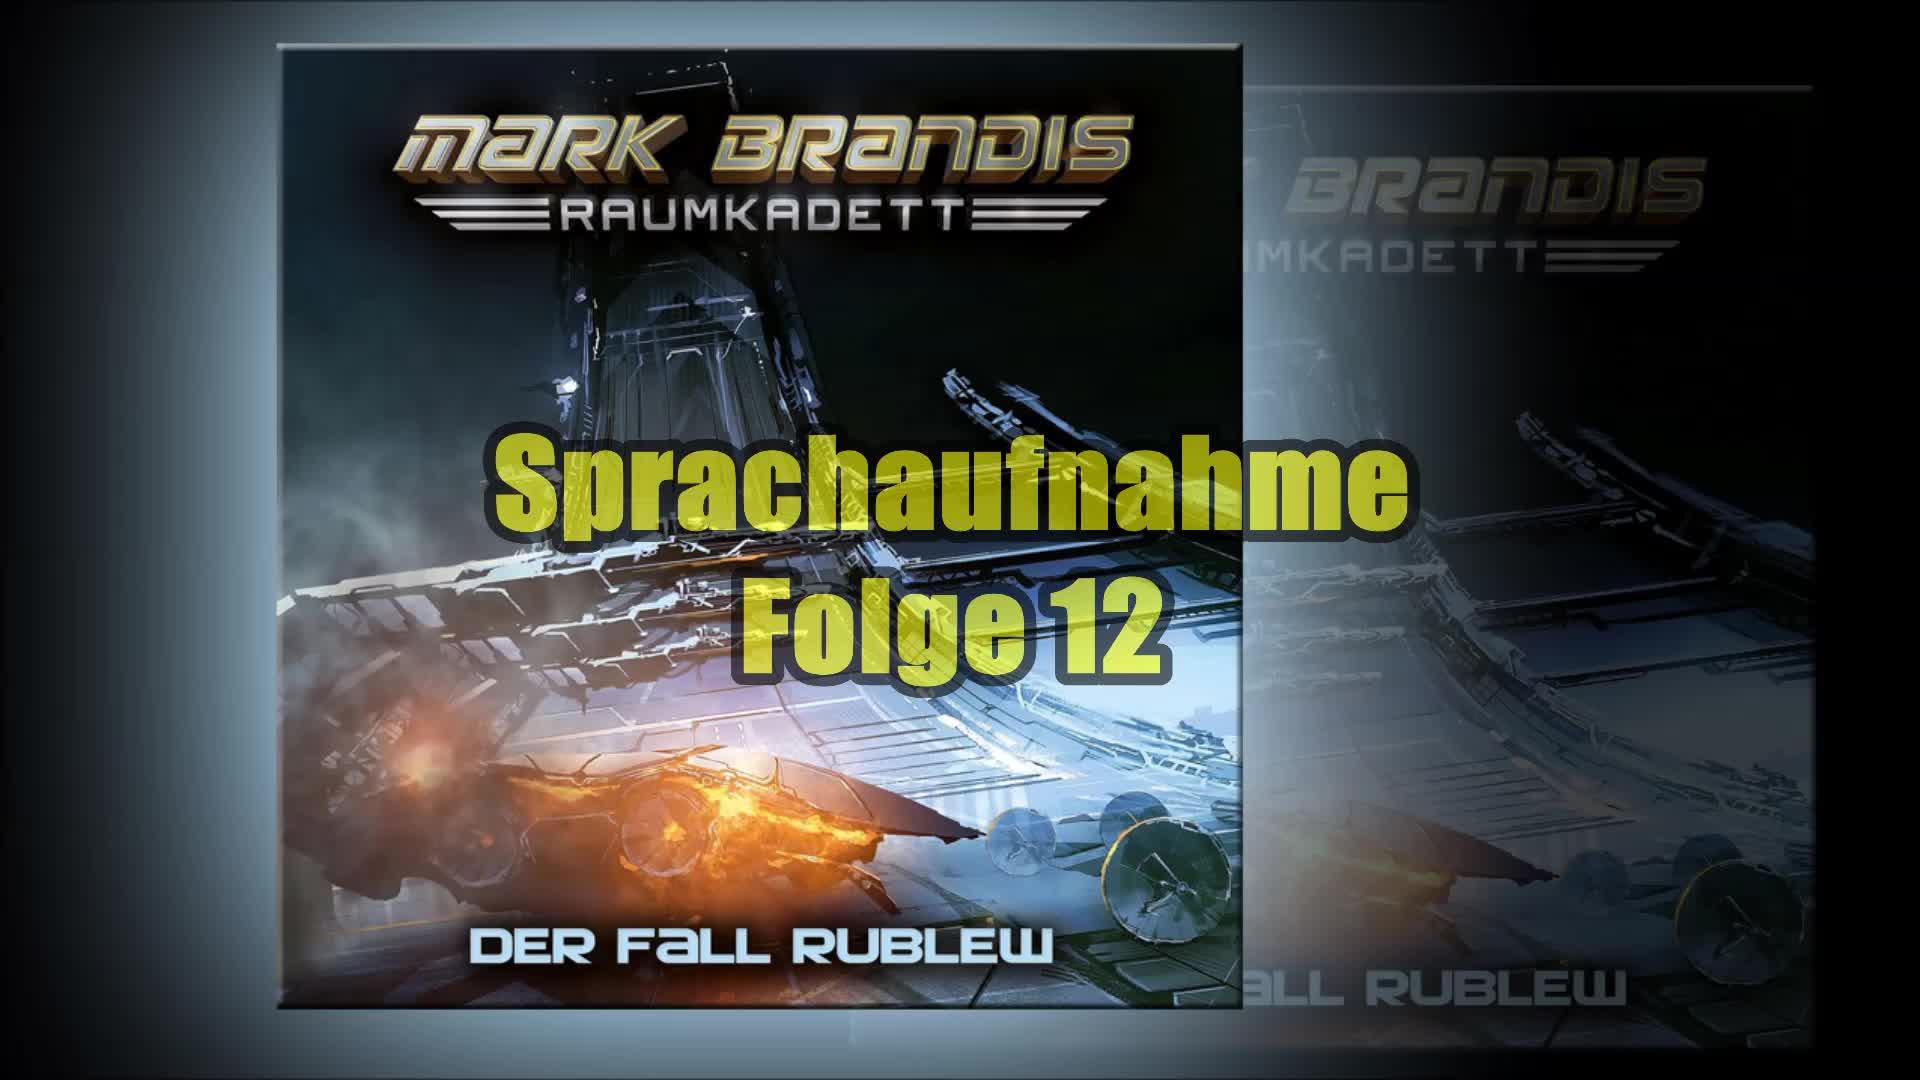 Folgenreich, Mark Brandis Raumkadett – 12: Der Fall Rublew (Sprachaufnahme)